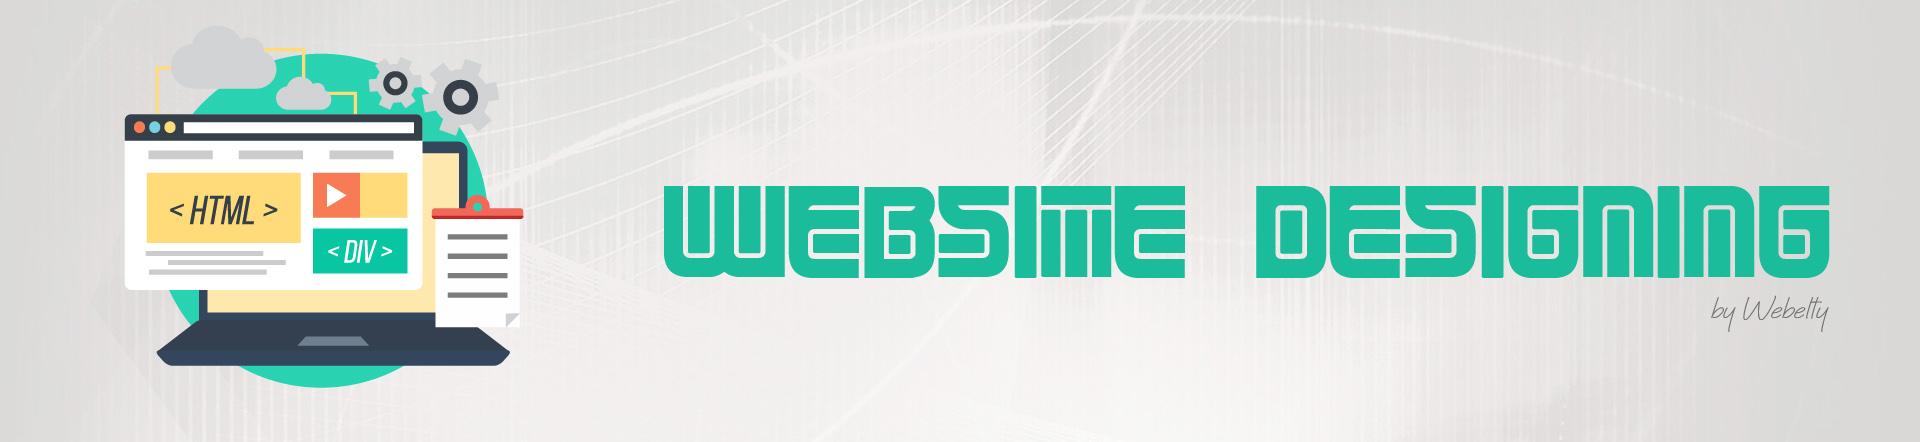 webelty web designing